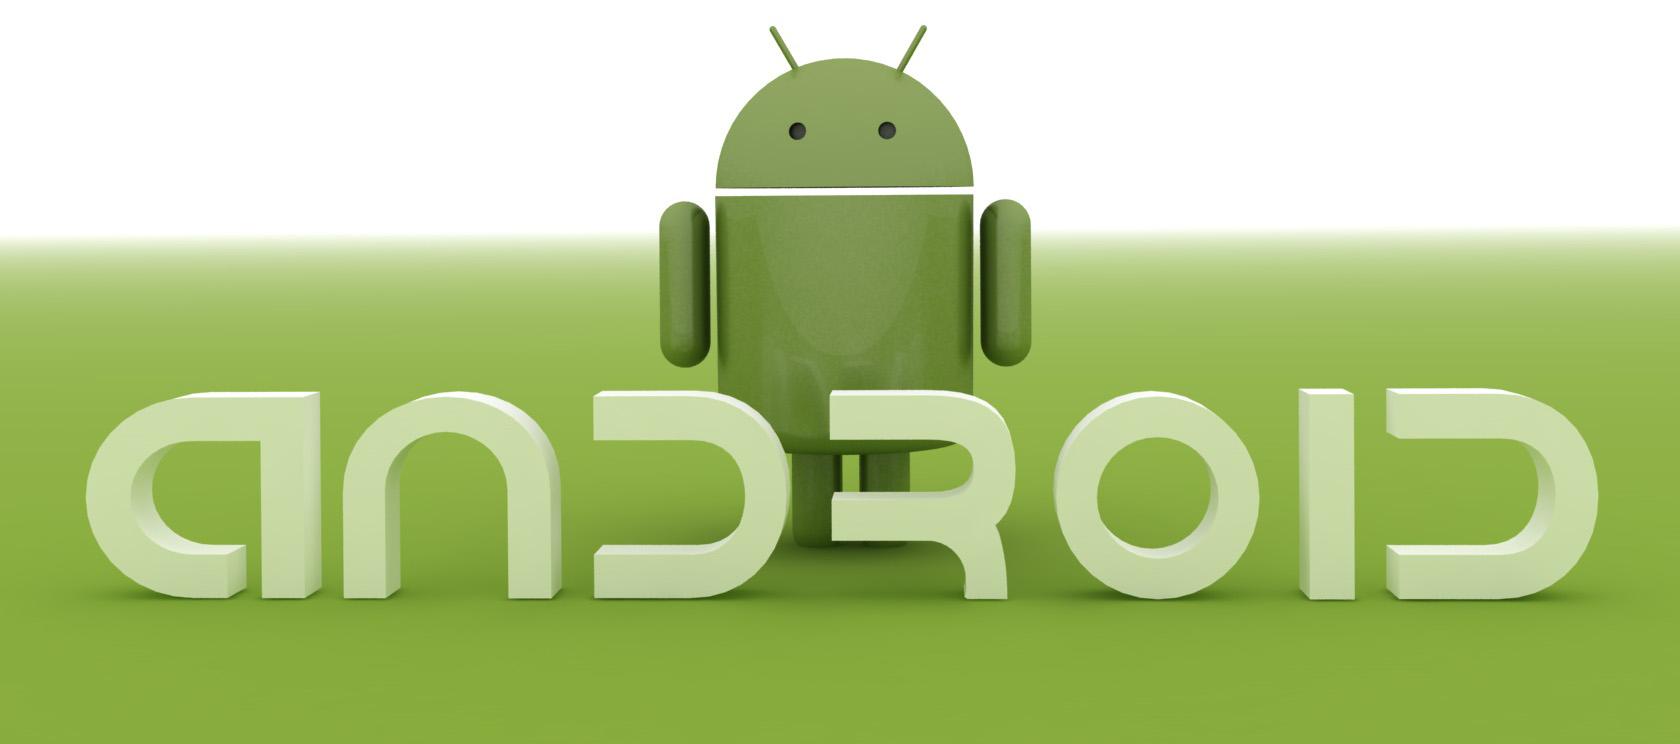 Android: 5 caracteristicas fora de moda